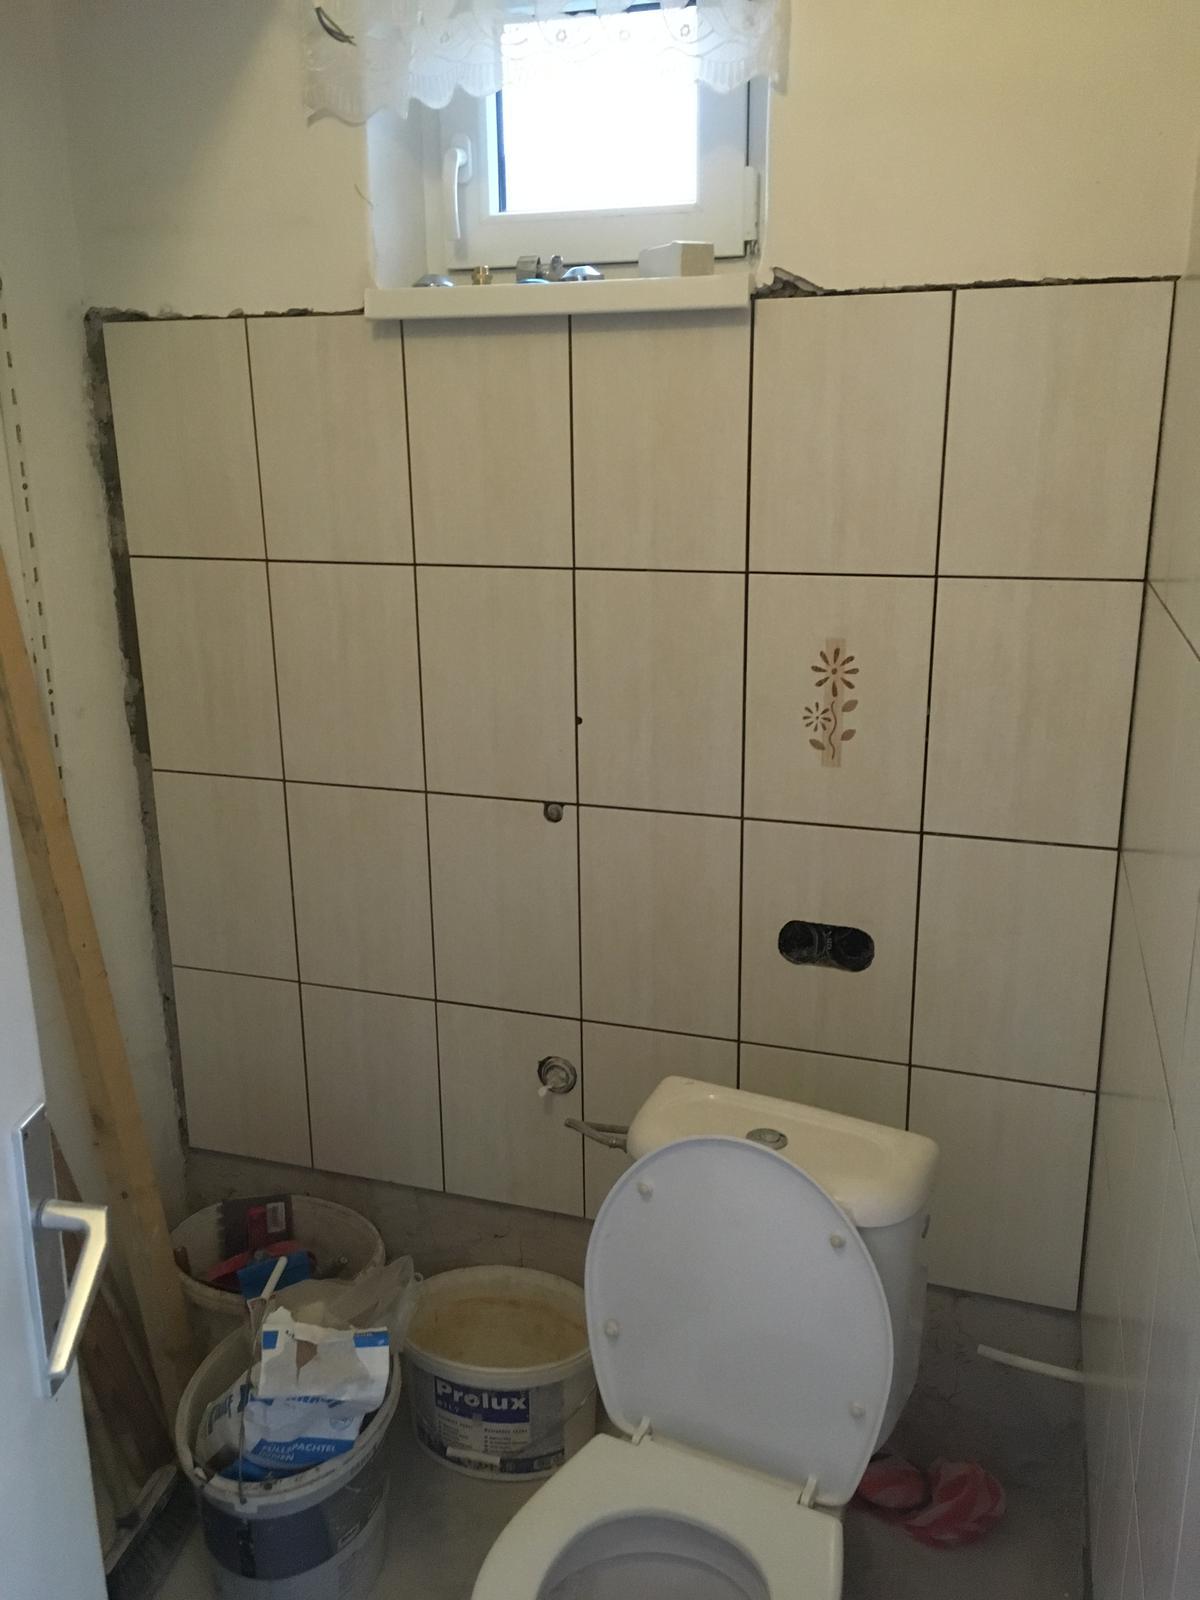 Rekonštrukcia WC - Presne pod parapet. WC muselo byť na fajront použiteľné. Chýbajúce 2 cm naľavo som dorovnal stierkou - aj tak to je schované za policami.